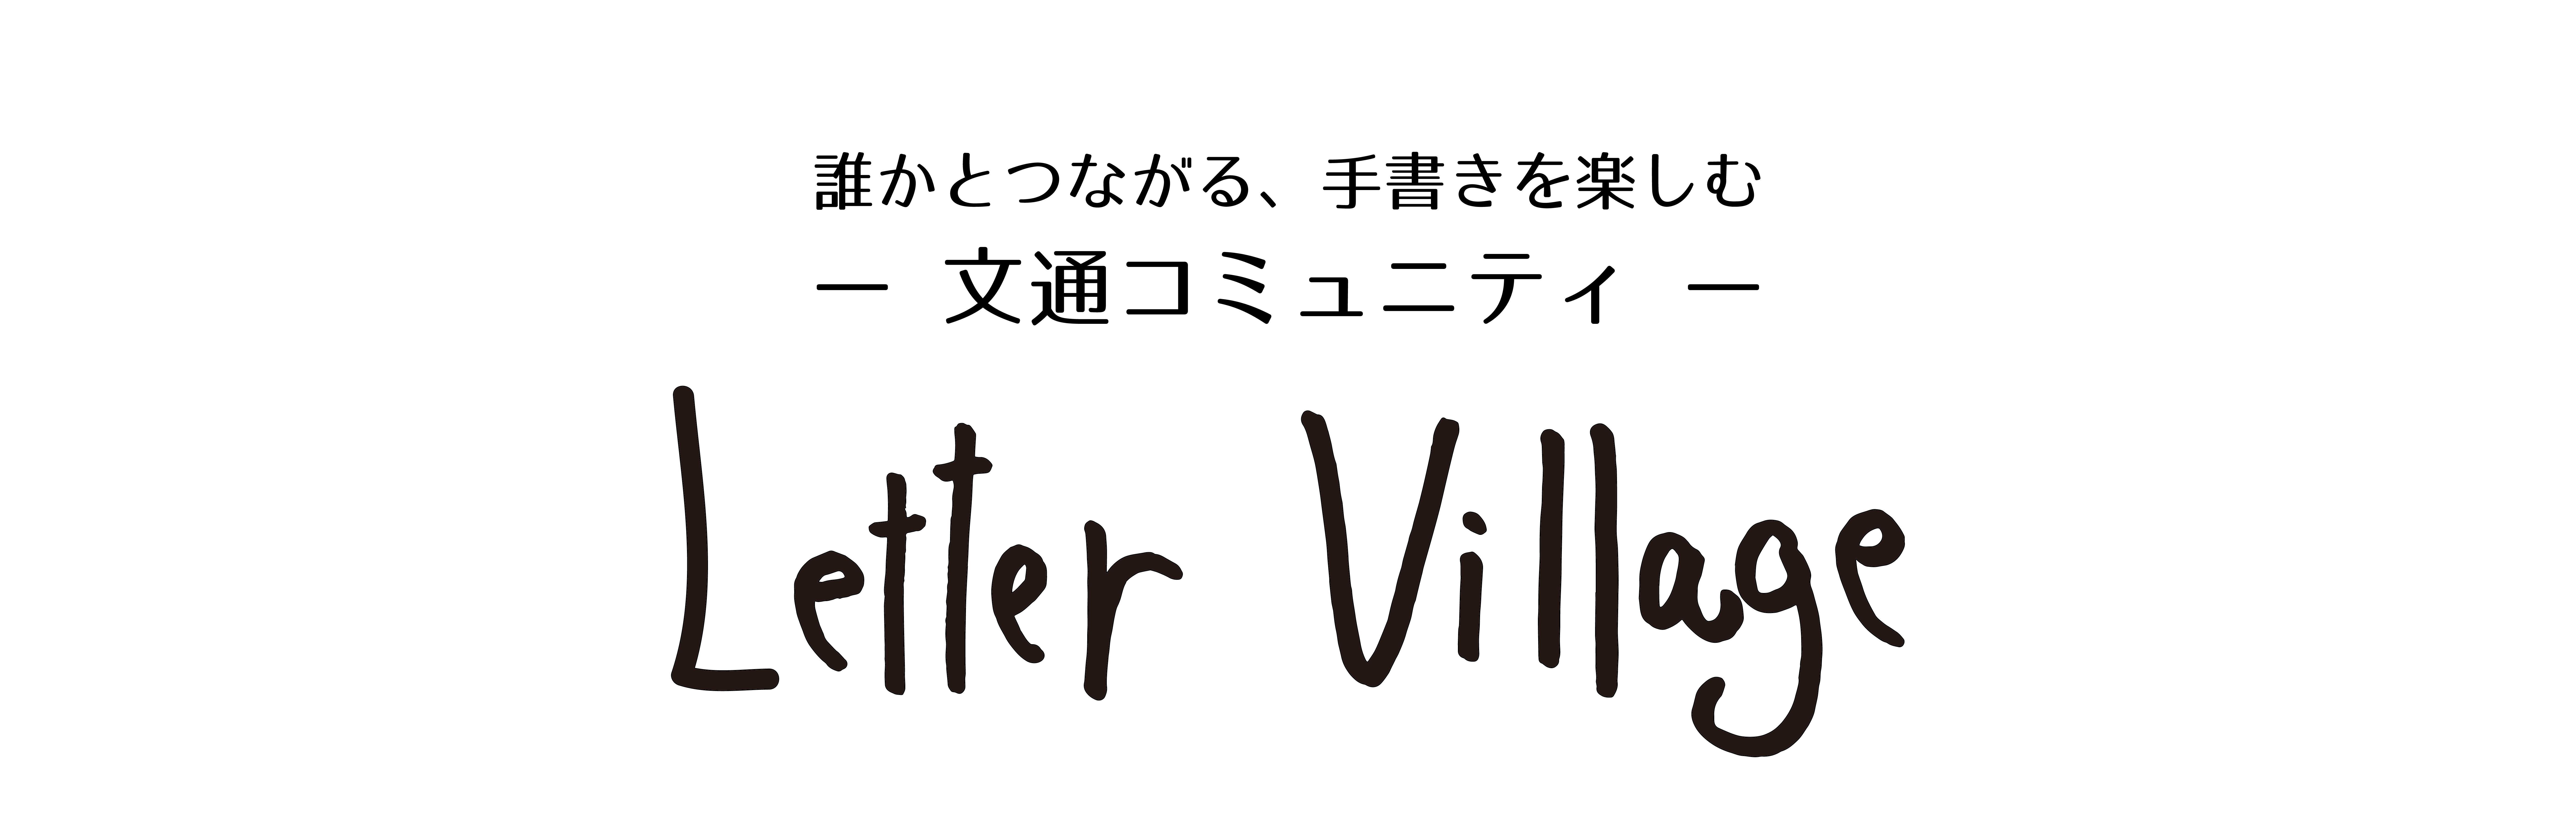 Letter Village Shop